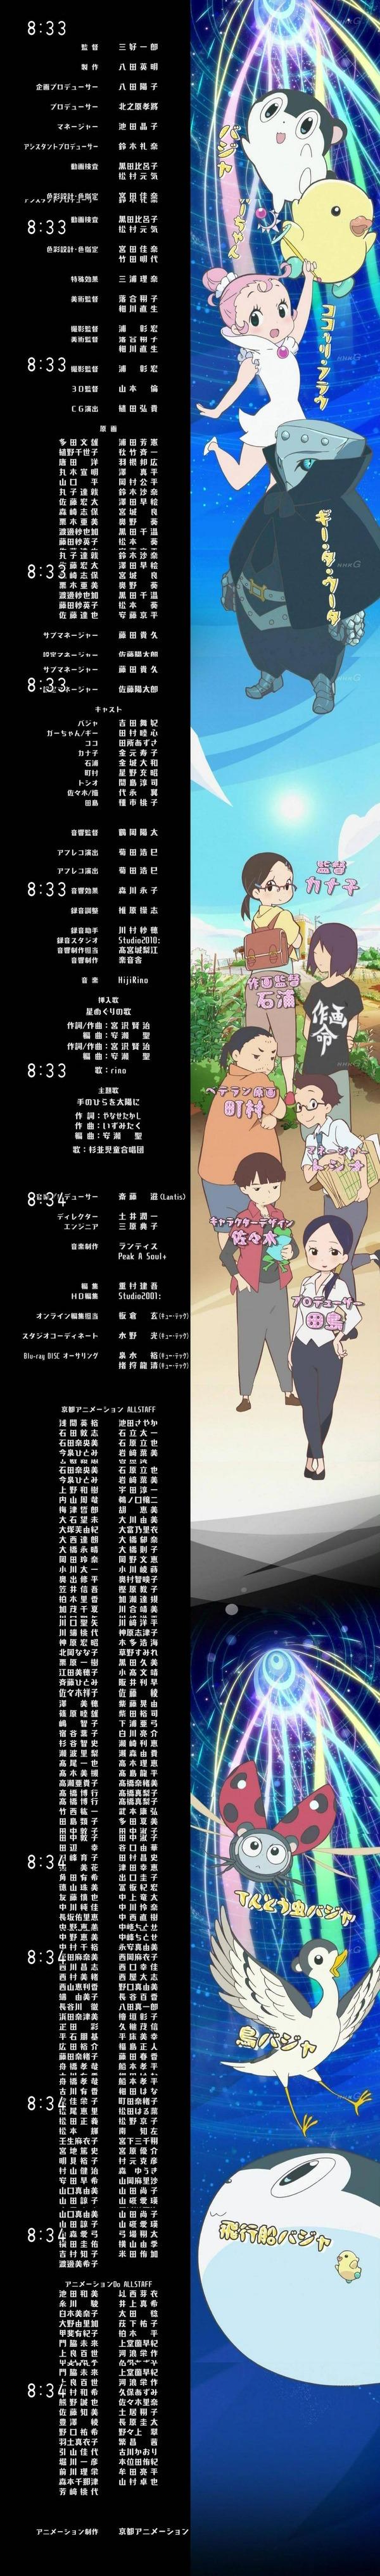 「バジャのスタジオ」感想 (122)